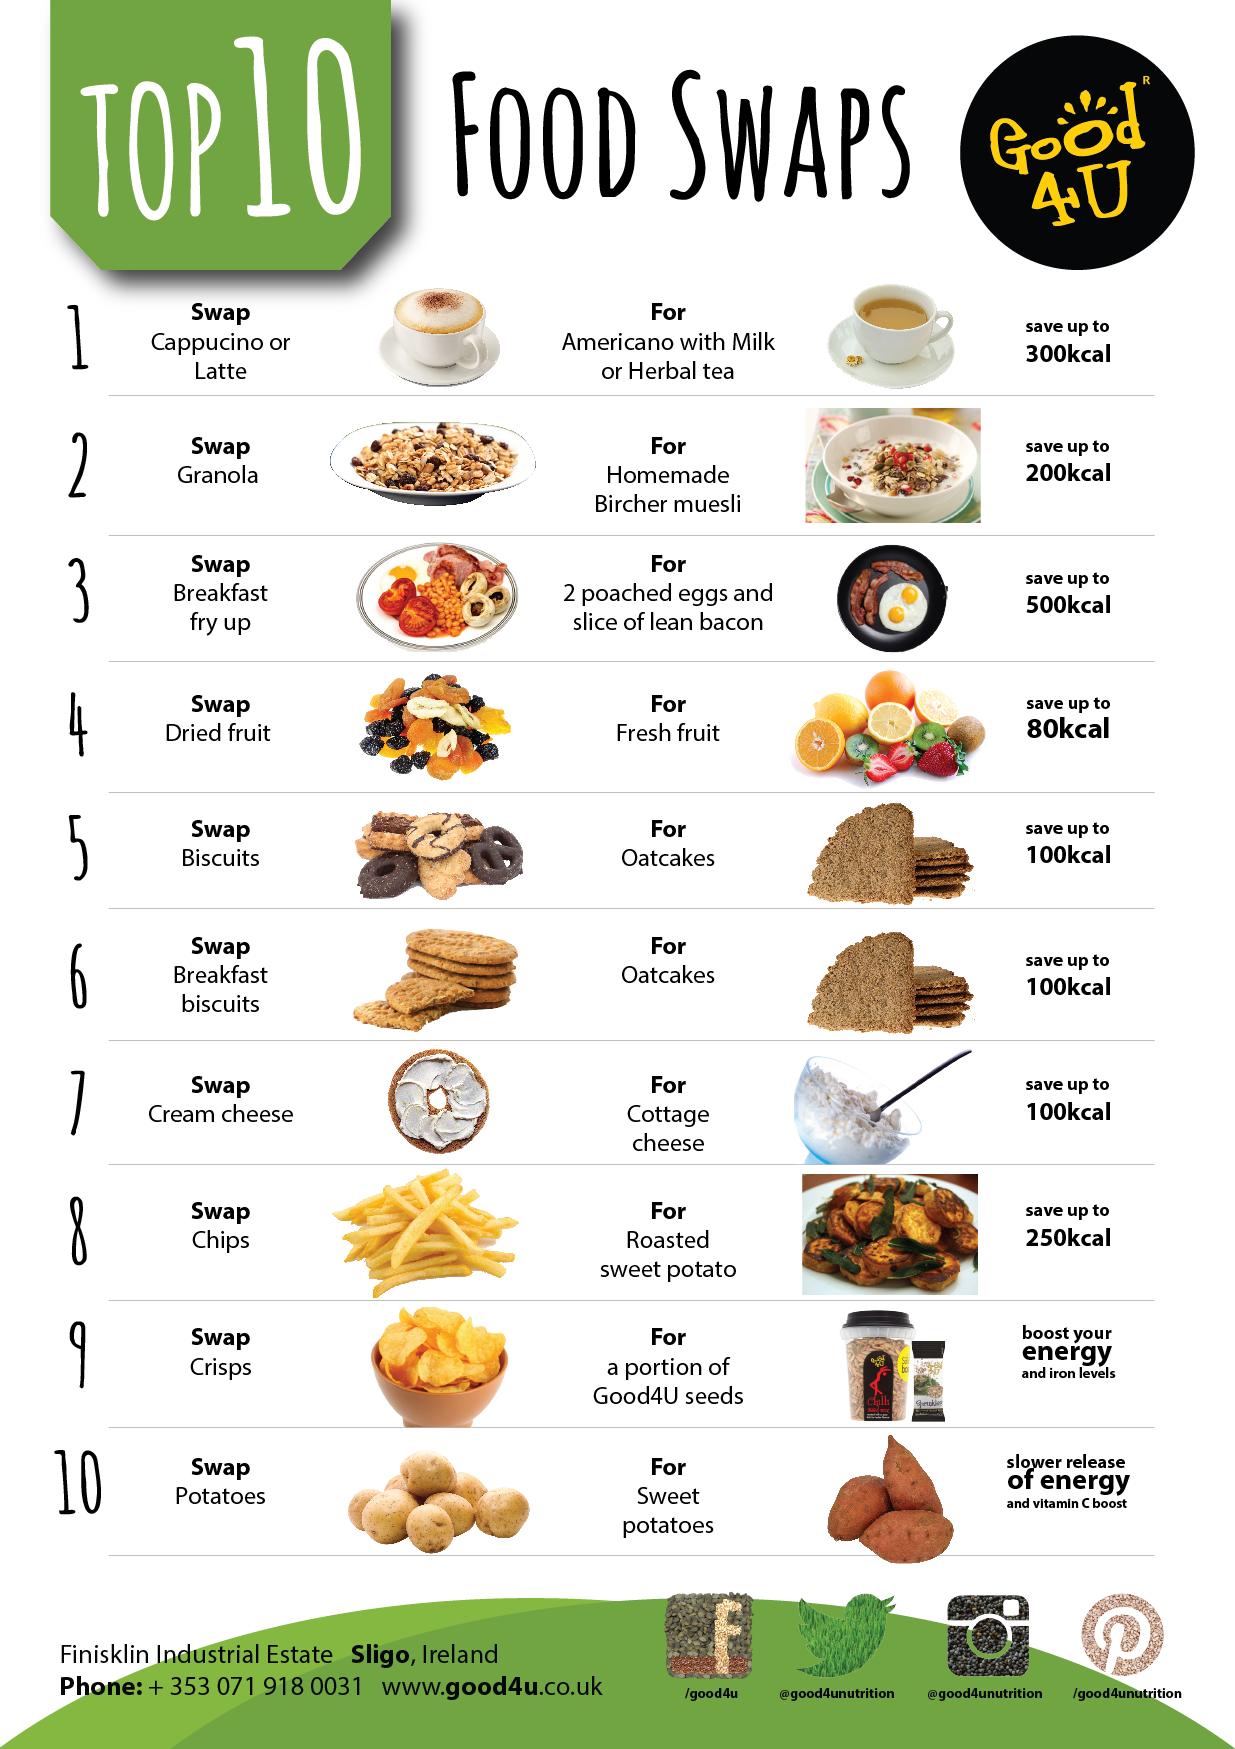 Top Healthy Food Swaps